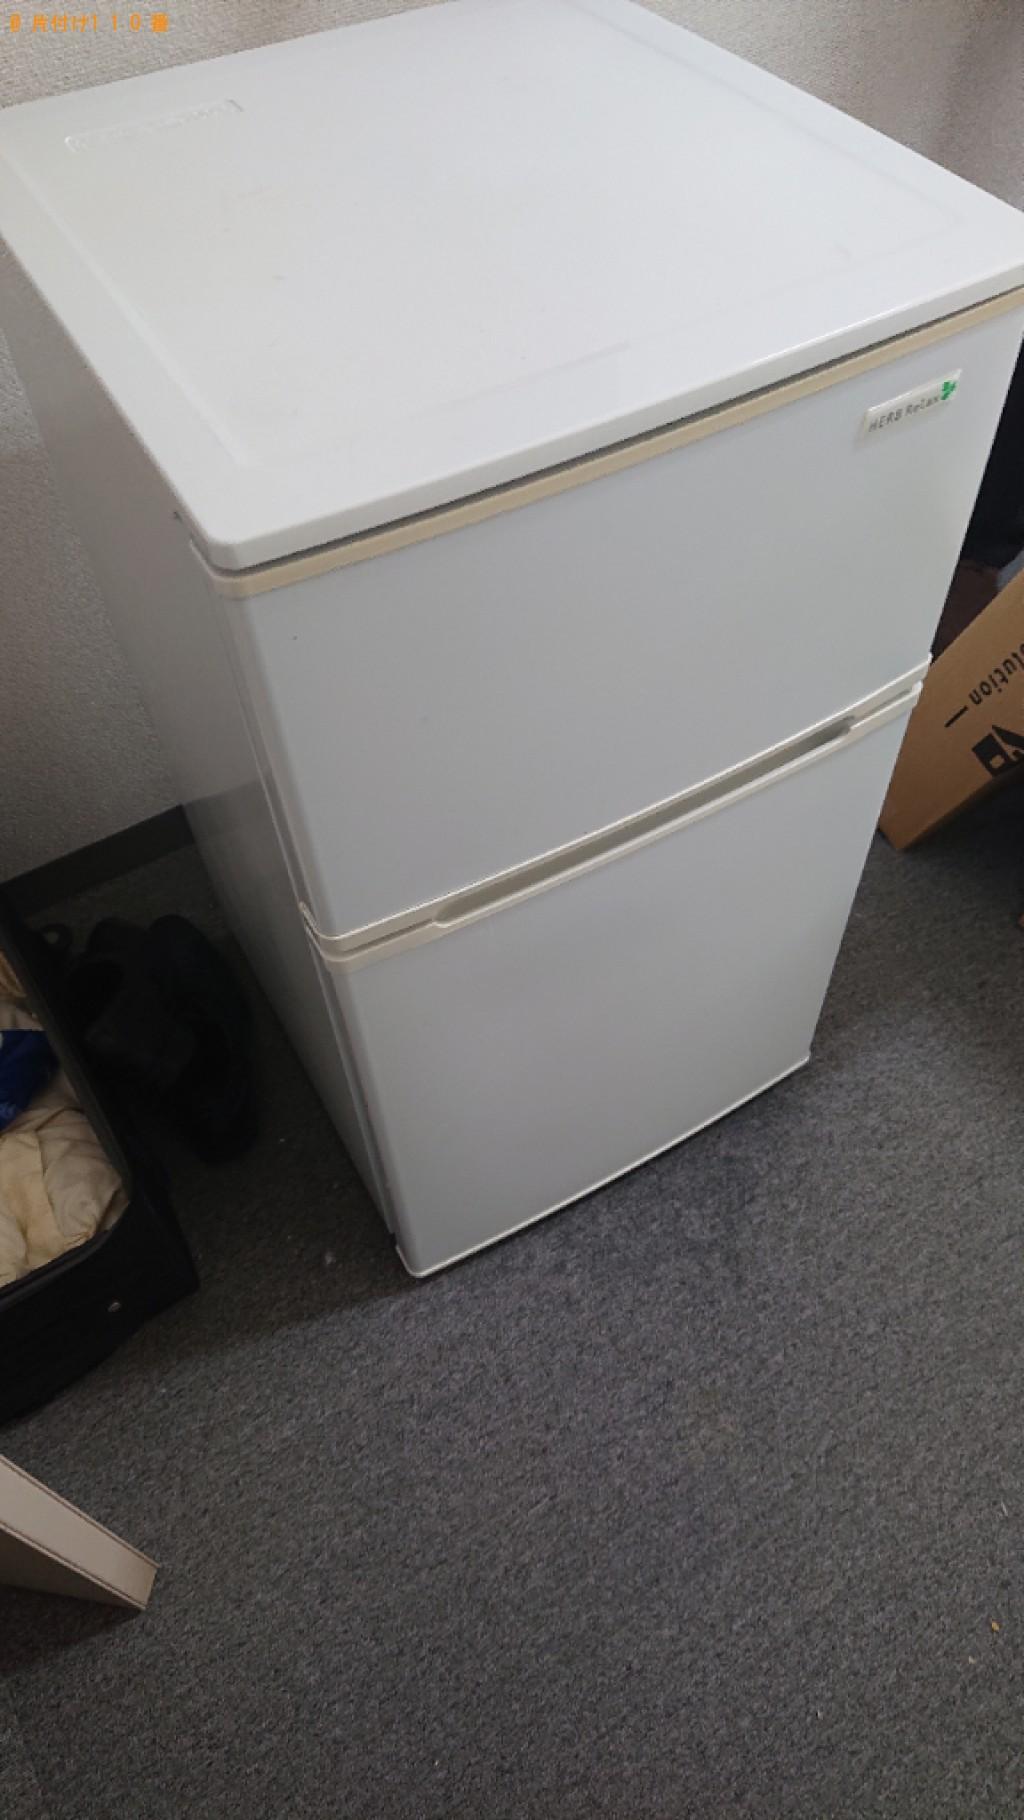 【大和郡山市上三橋町】冷蔵庫の出張不用品回収・処分ご依頼